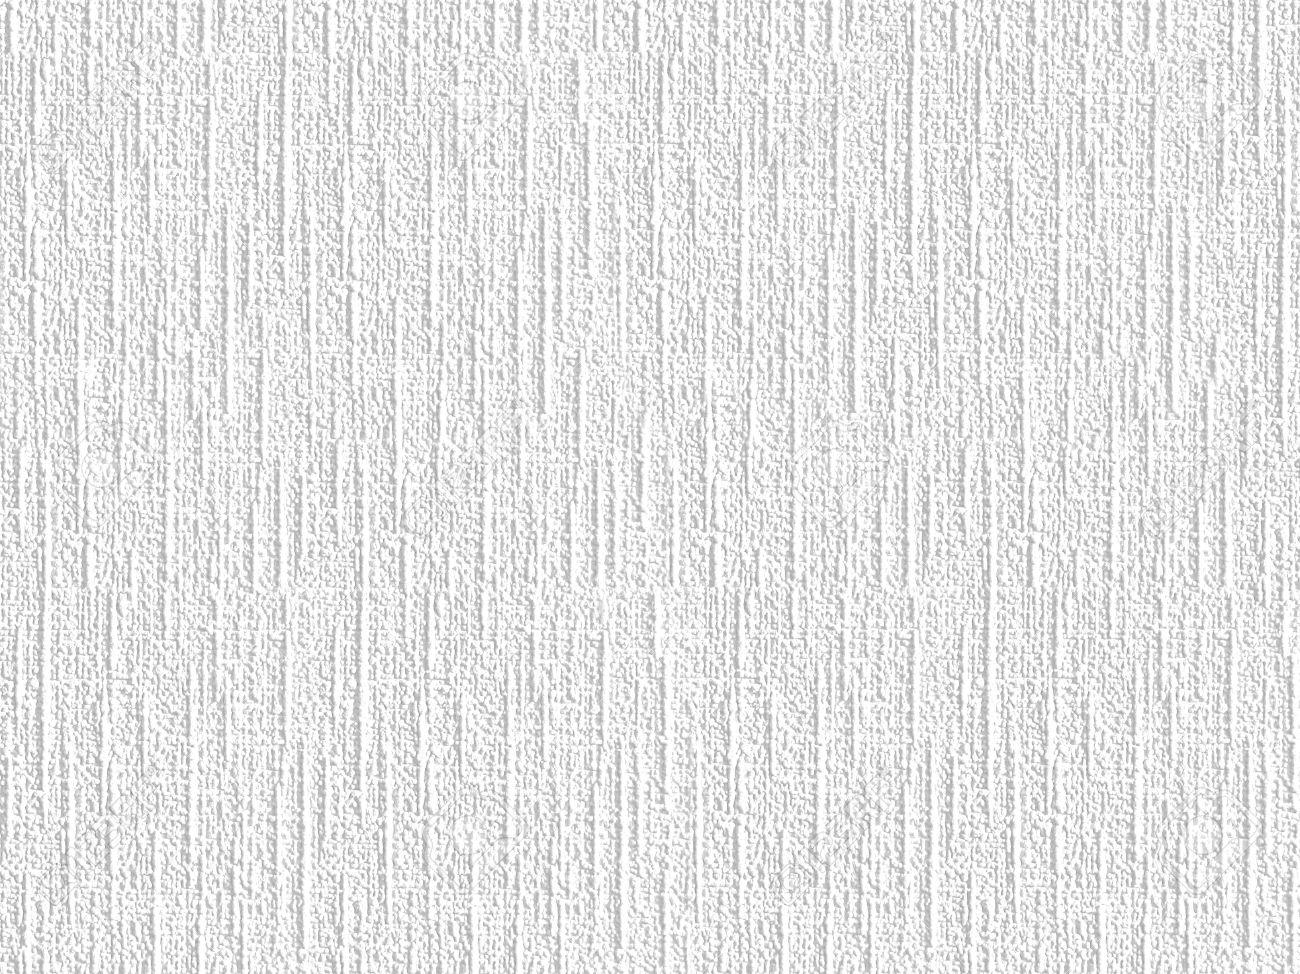 La Texture D Arriere Plan Blanc Design Banque D Images Et Photos Libres De Droits Image 2846807